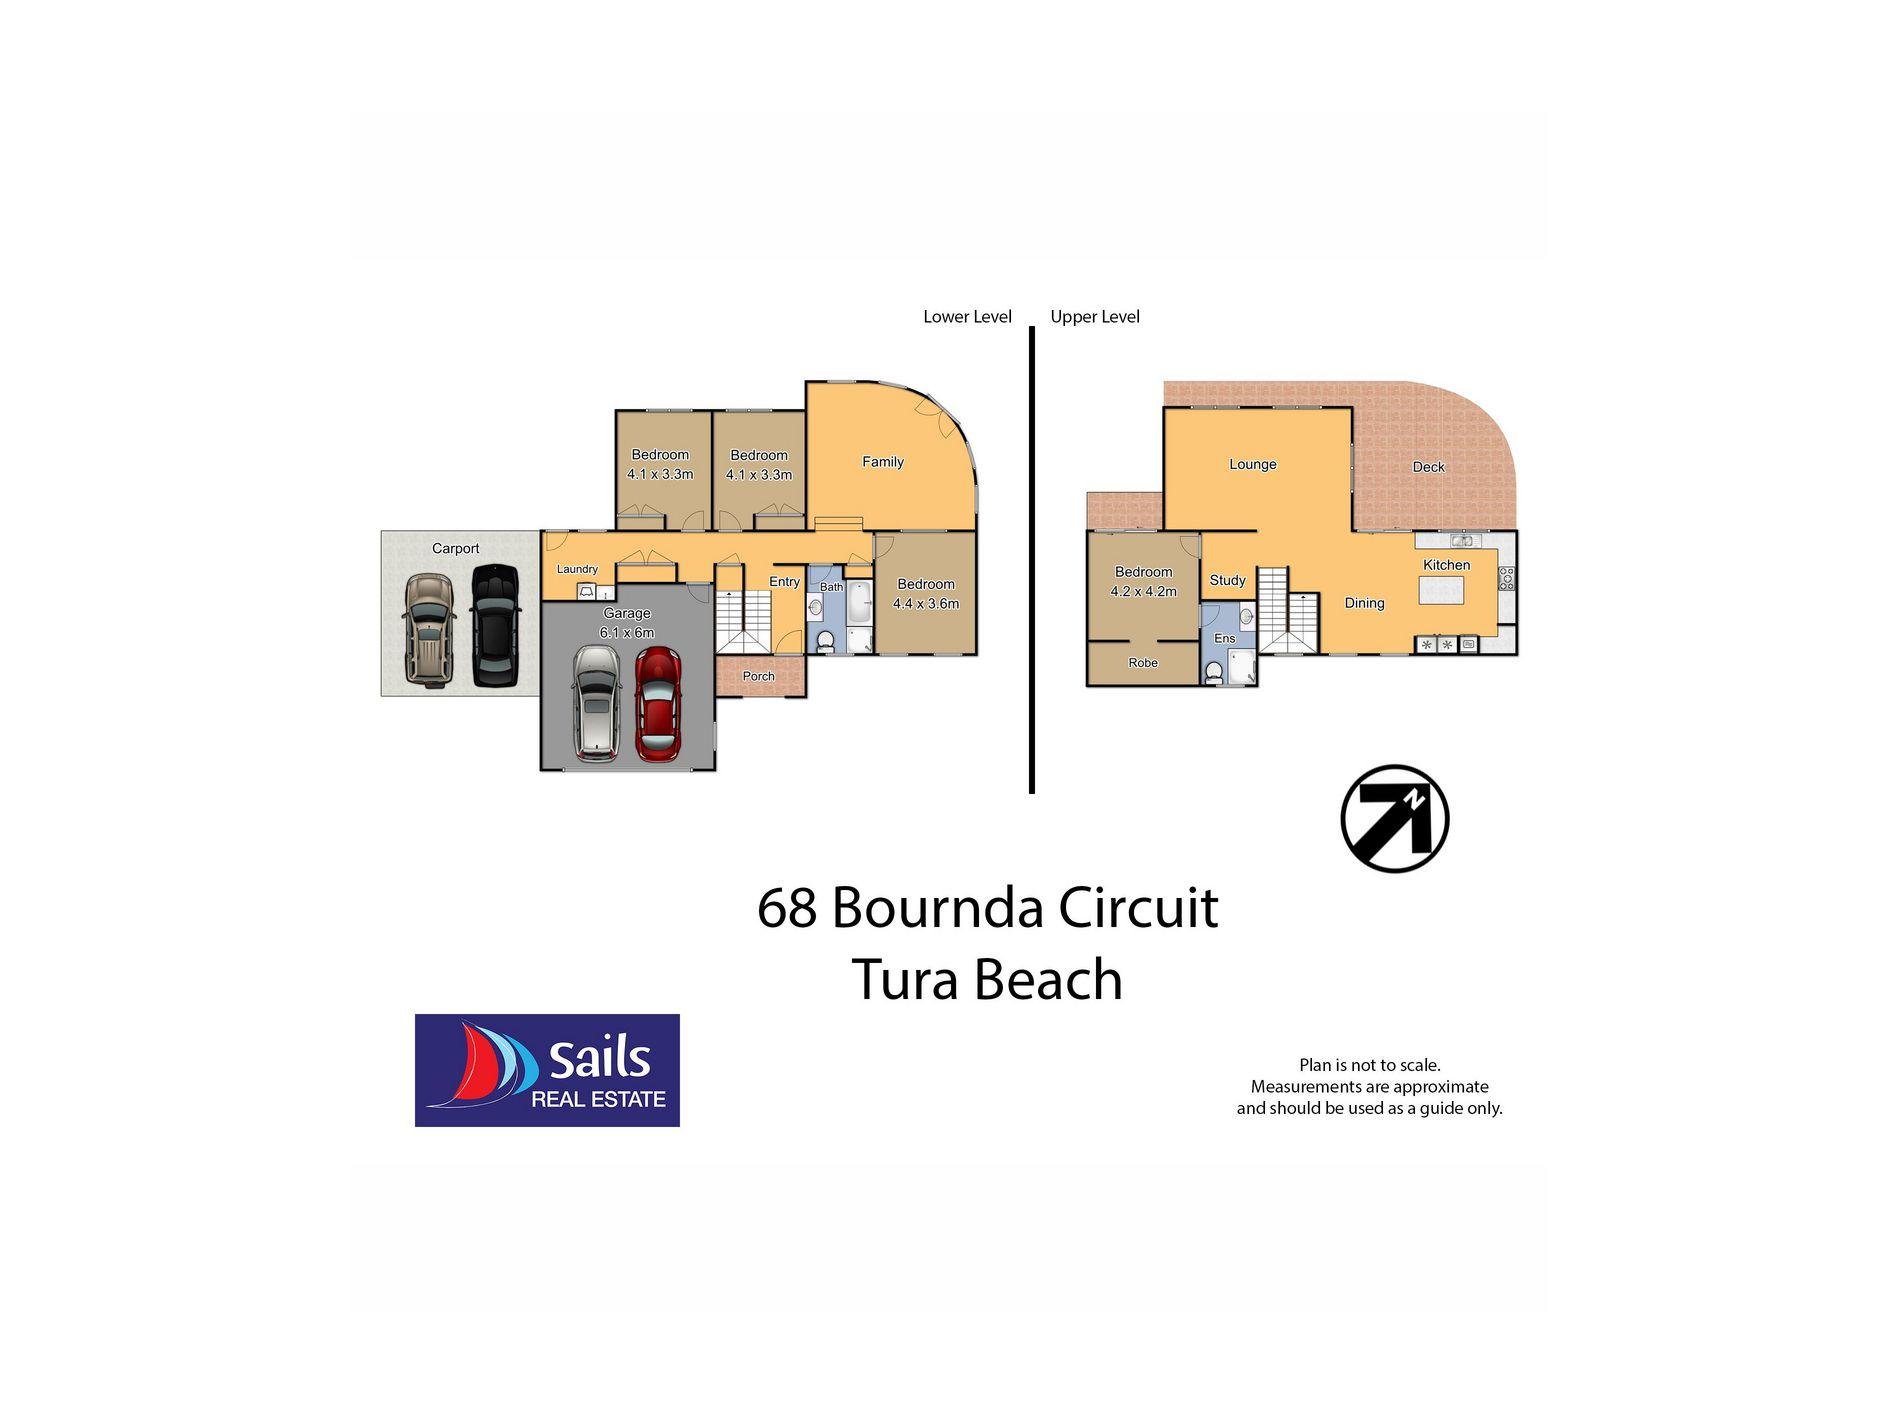 68 Bournda Circuit, Tura Beach